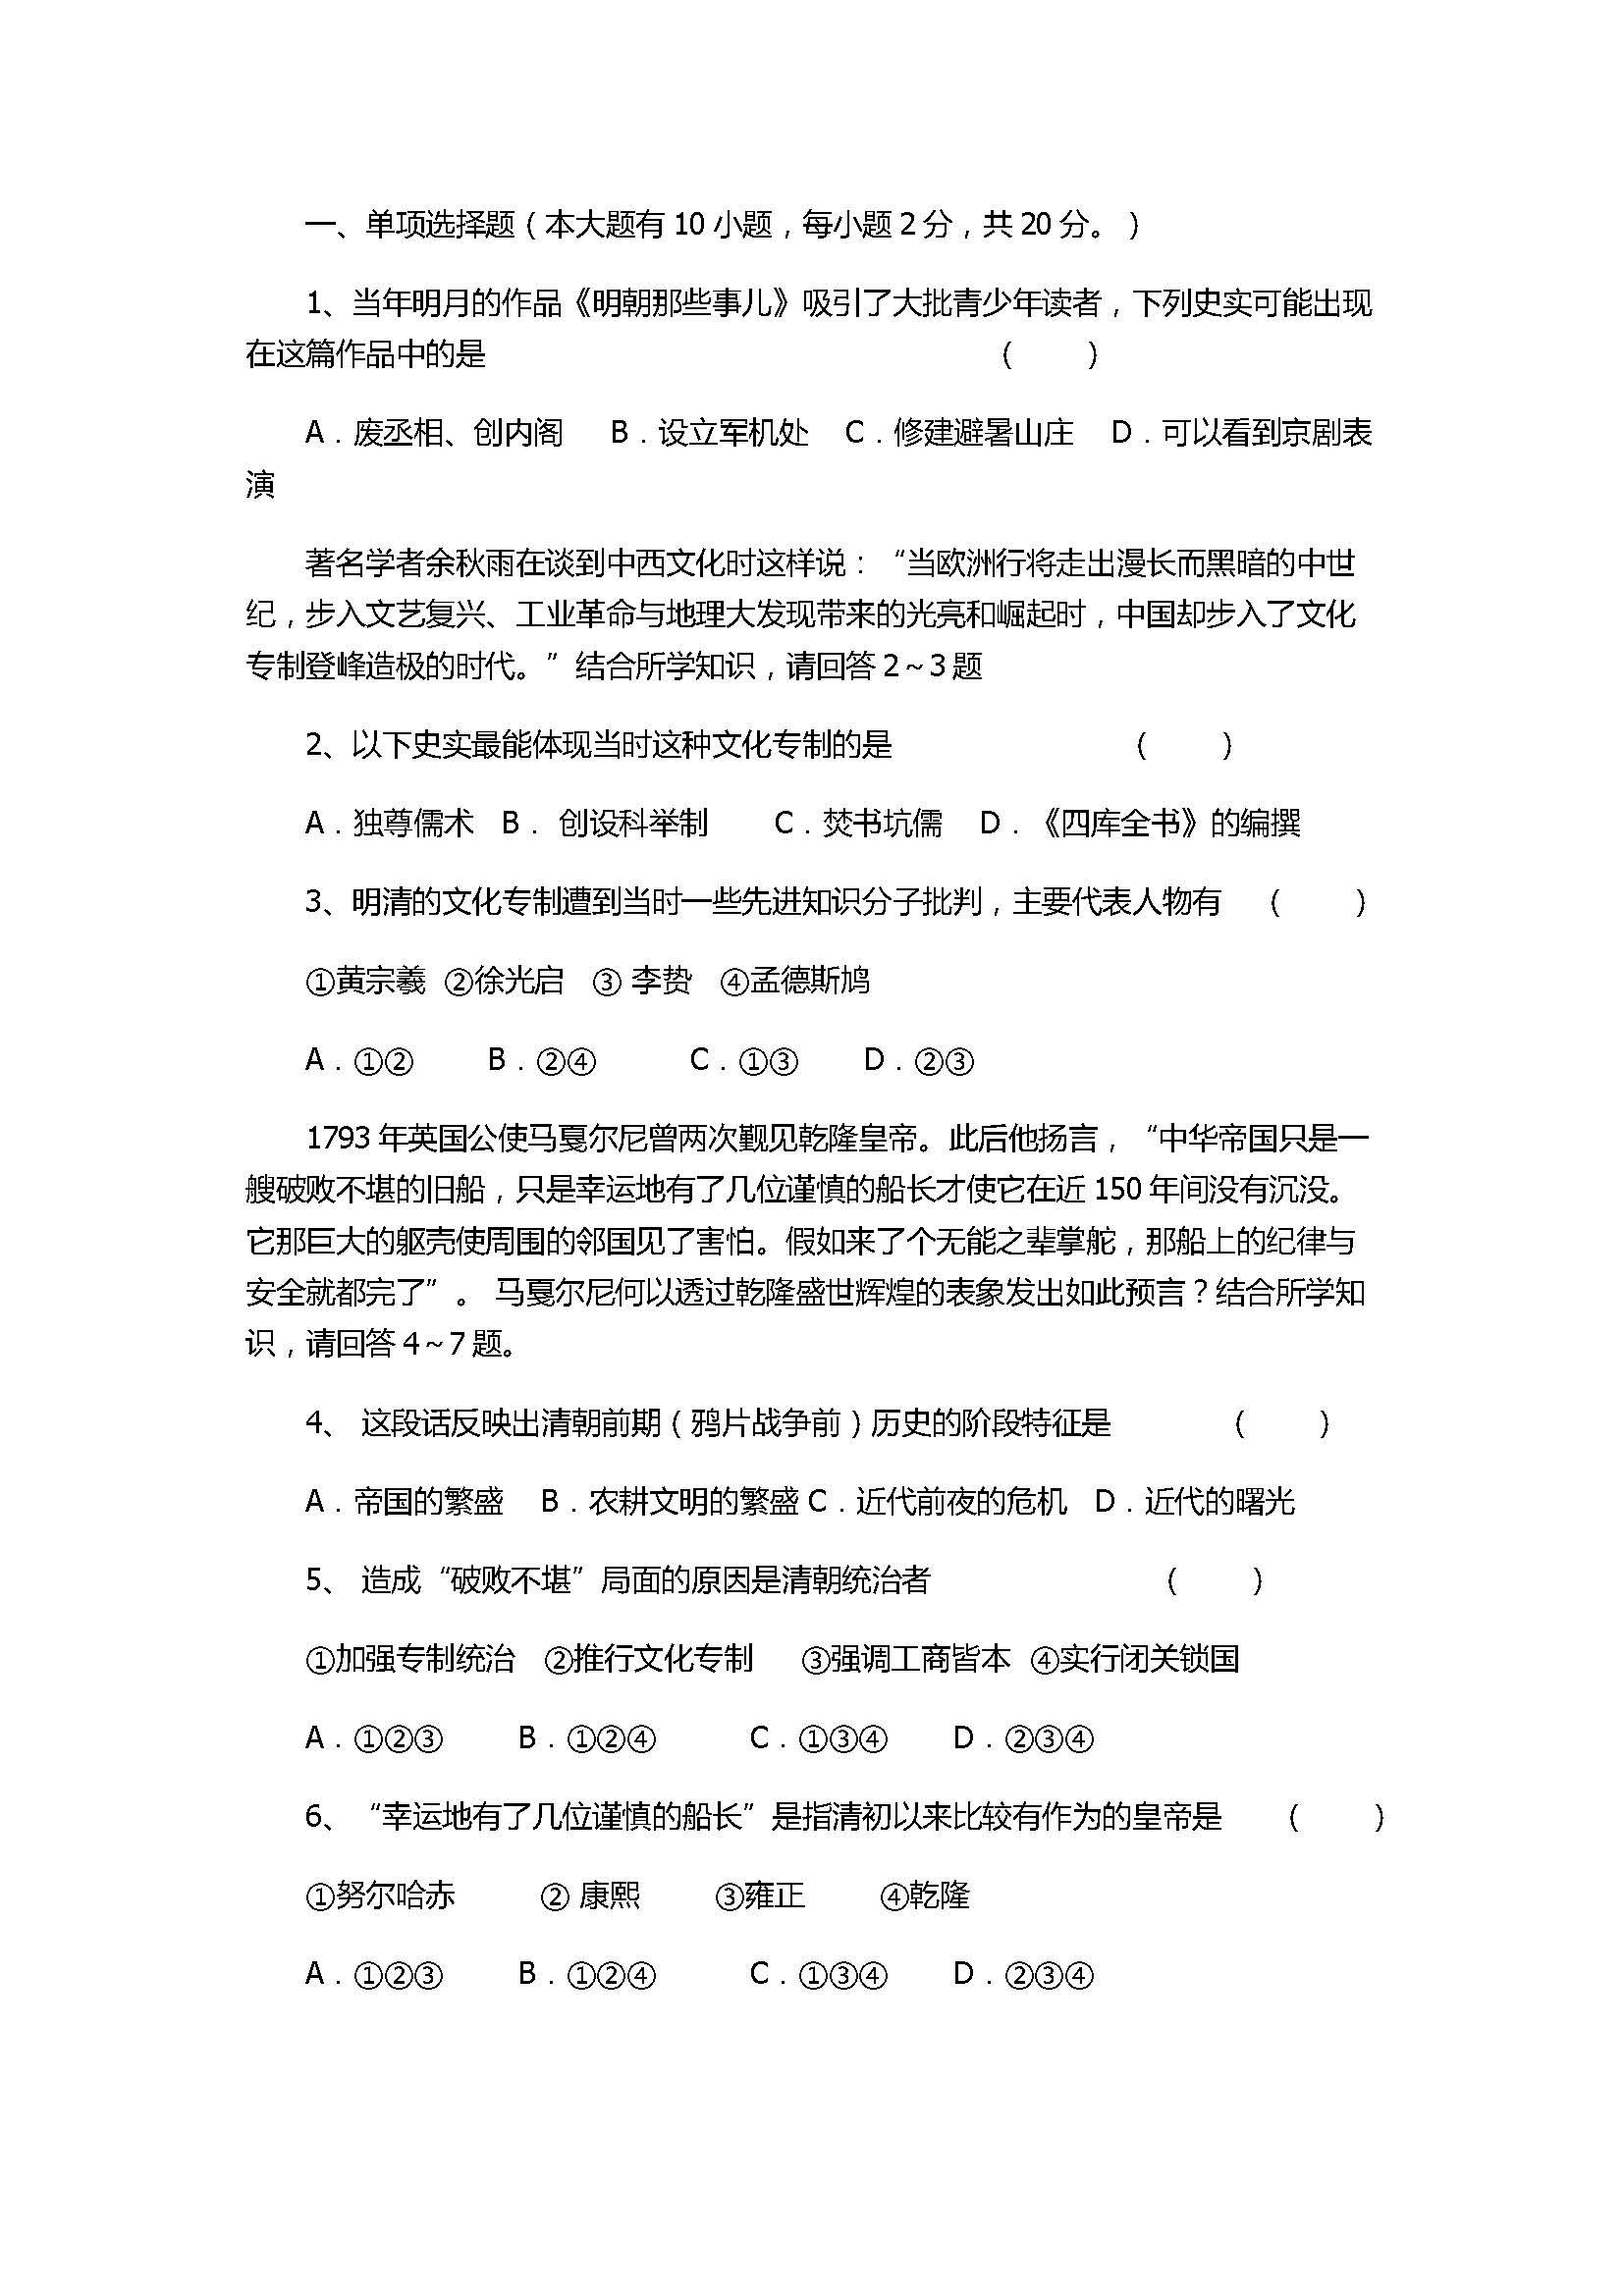 2017八年级历史与社会下册期中试卷带参考答案(浙江省台州市六校)